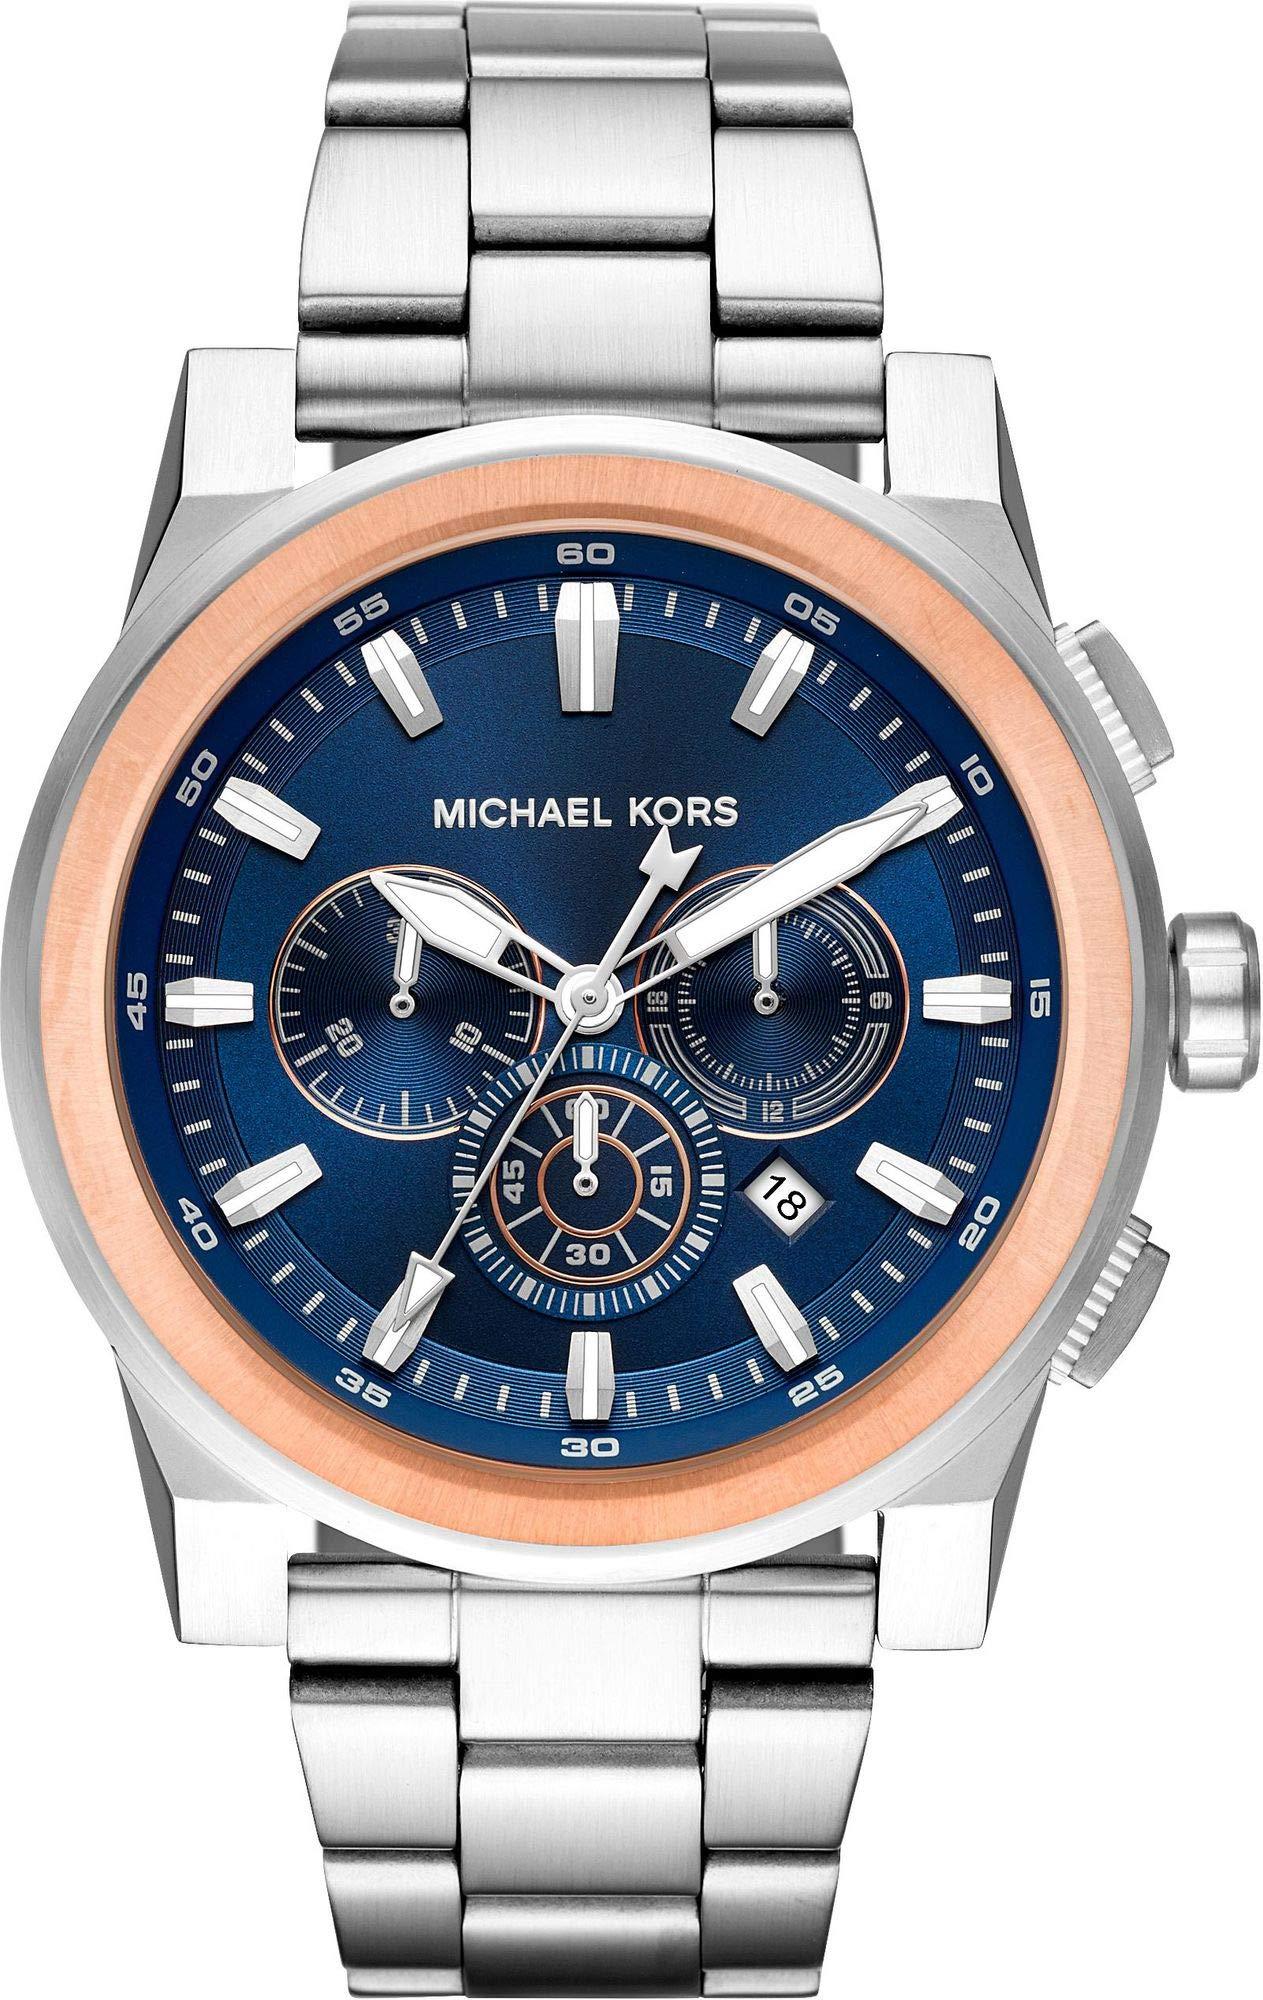 Michael Kors Reloj Analogico para Hombre de Cuarzo con Correa en Acero Inoxidable MK8598